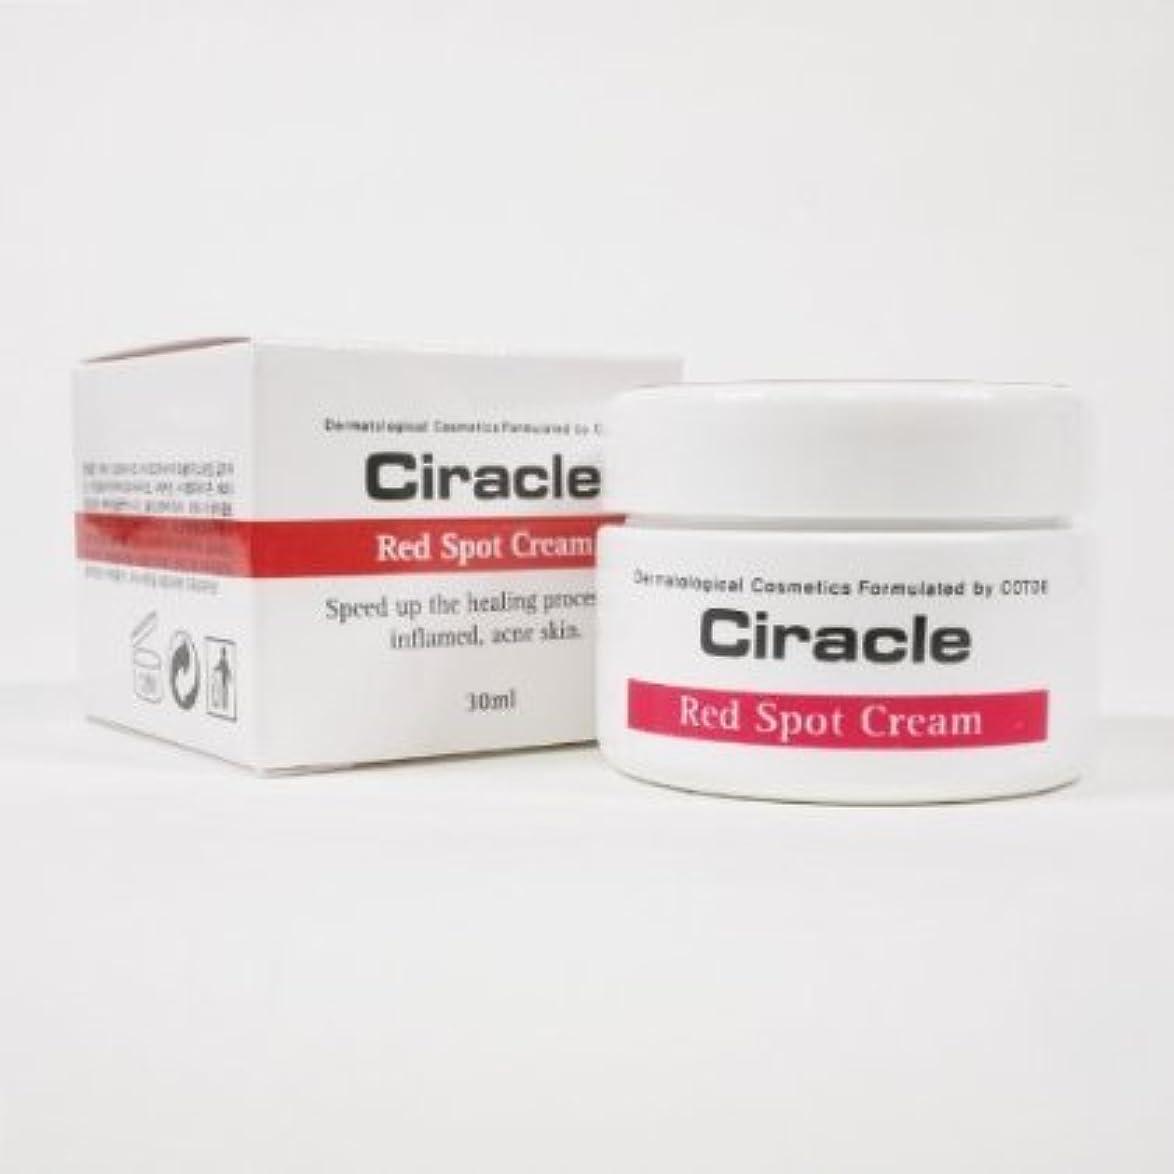 夜調和のとれたオピエートCiracle レッド スポット クリーム /Red Spot Cream (30ml )